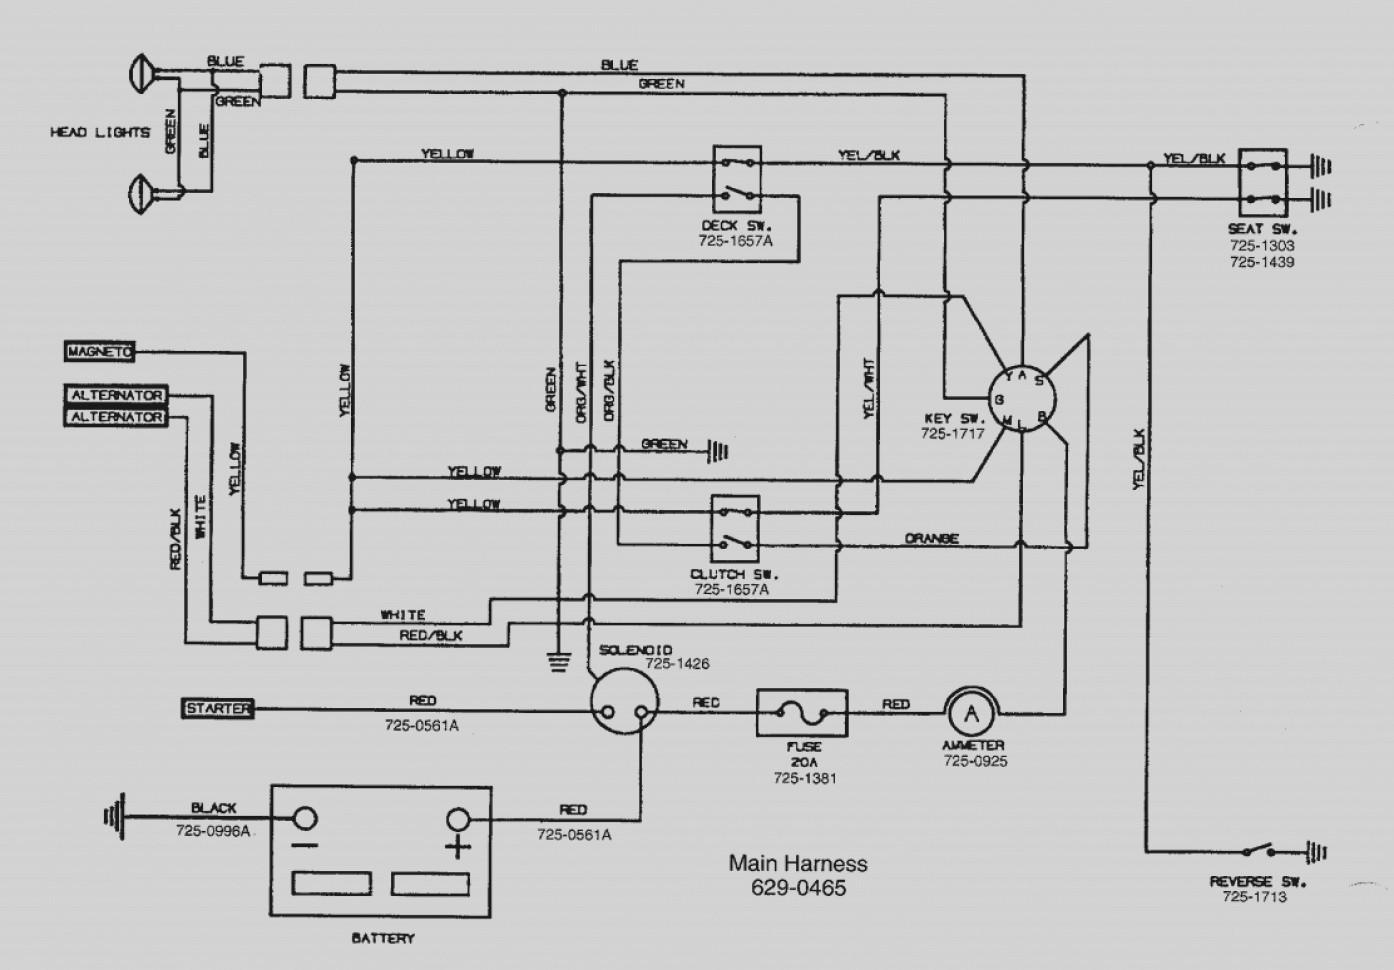 Craftsman Lawn Tractor Wiring Diagram - Basic Wiring Schematic